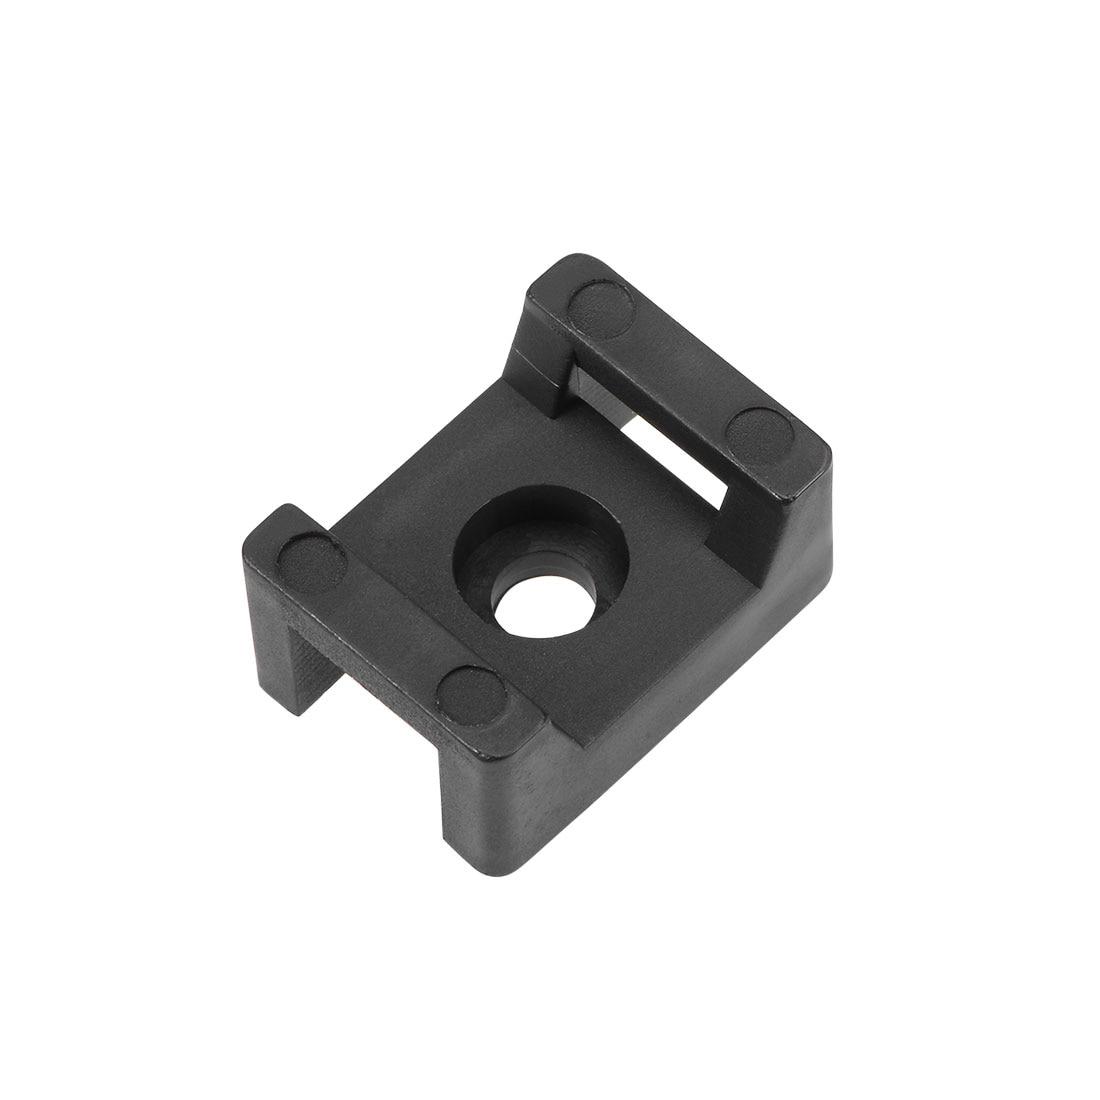 Uxcell 50 pçs cabo gravata base sela tipo montagem suporte de fio âncora permanente para mesa de parede 21.5x16x10mm preto